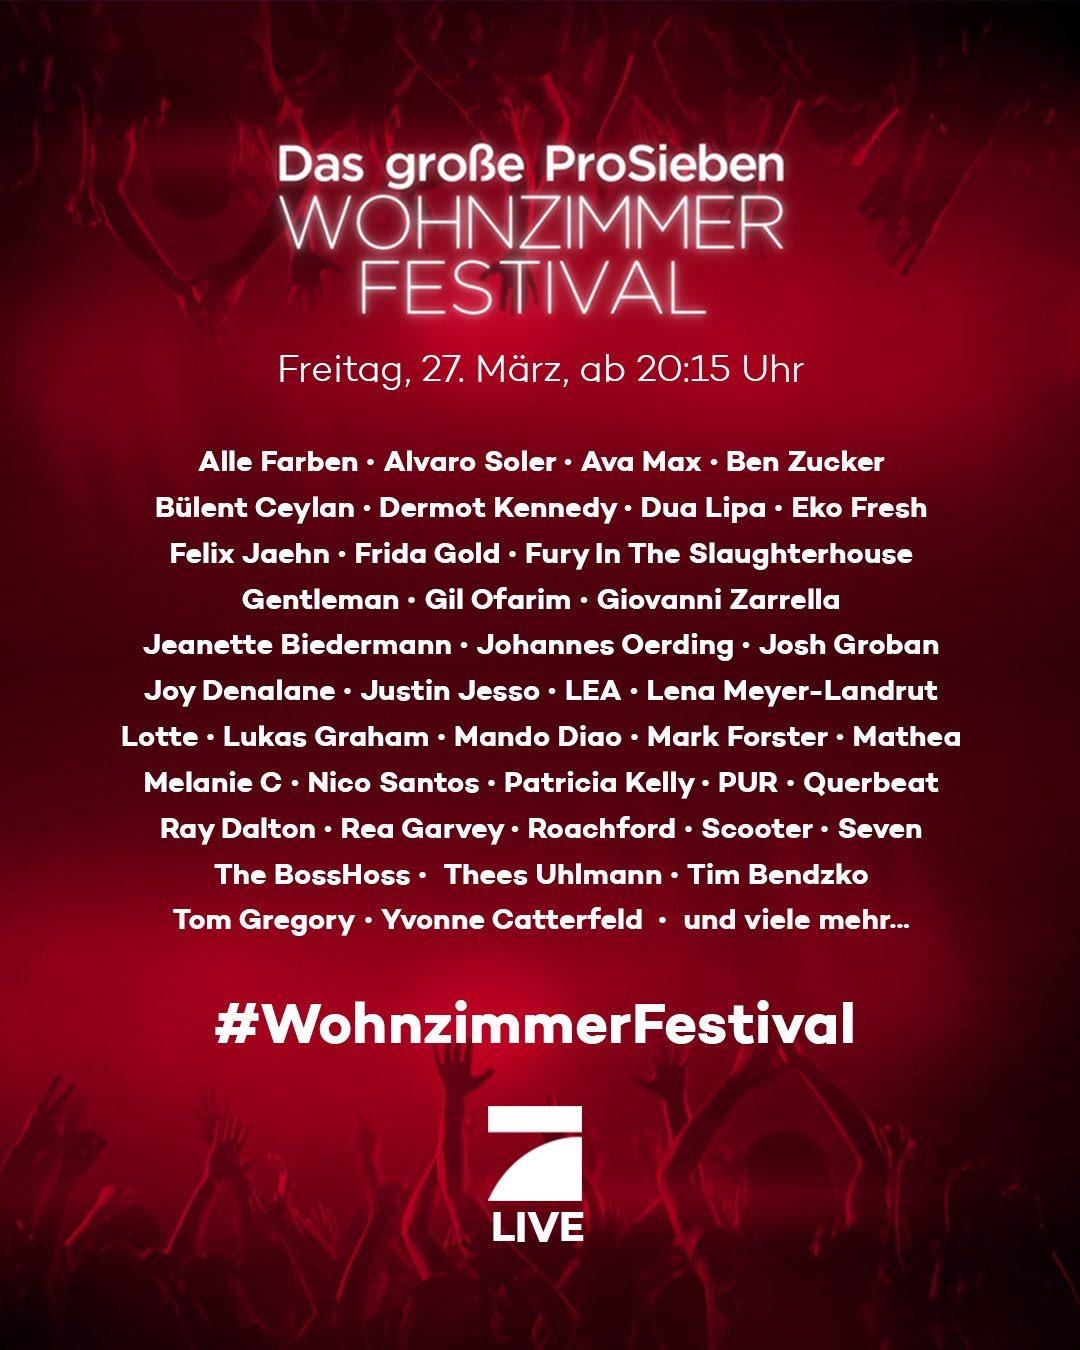 """ProSieben on Twitter: """"#WohnzimmerFestival. Morgen. """""""